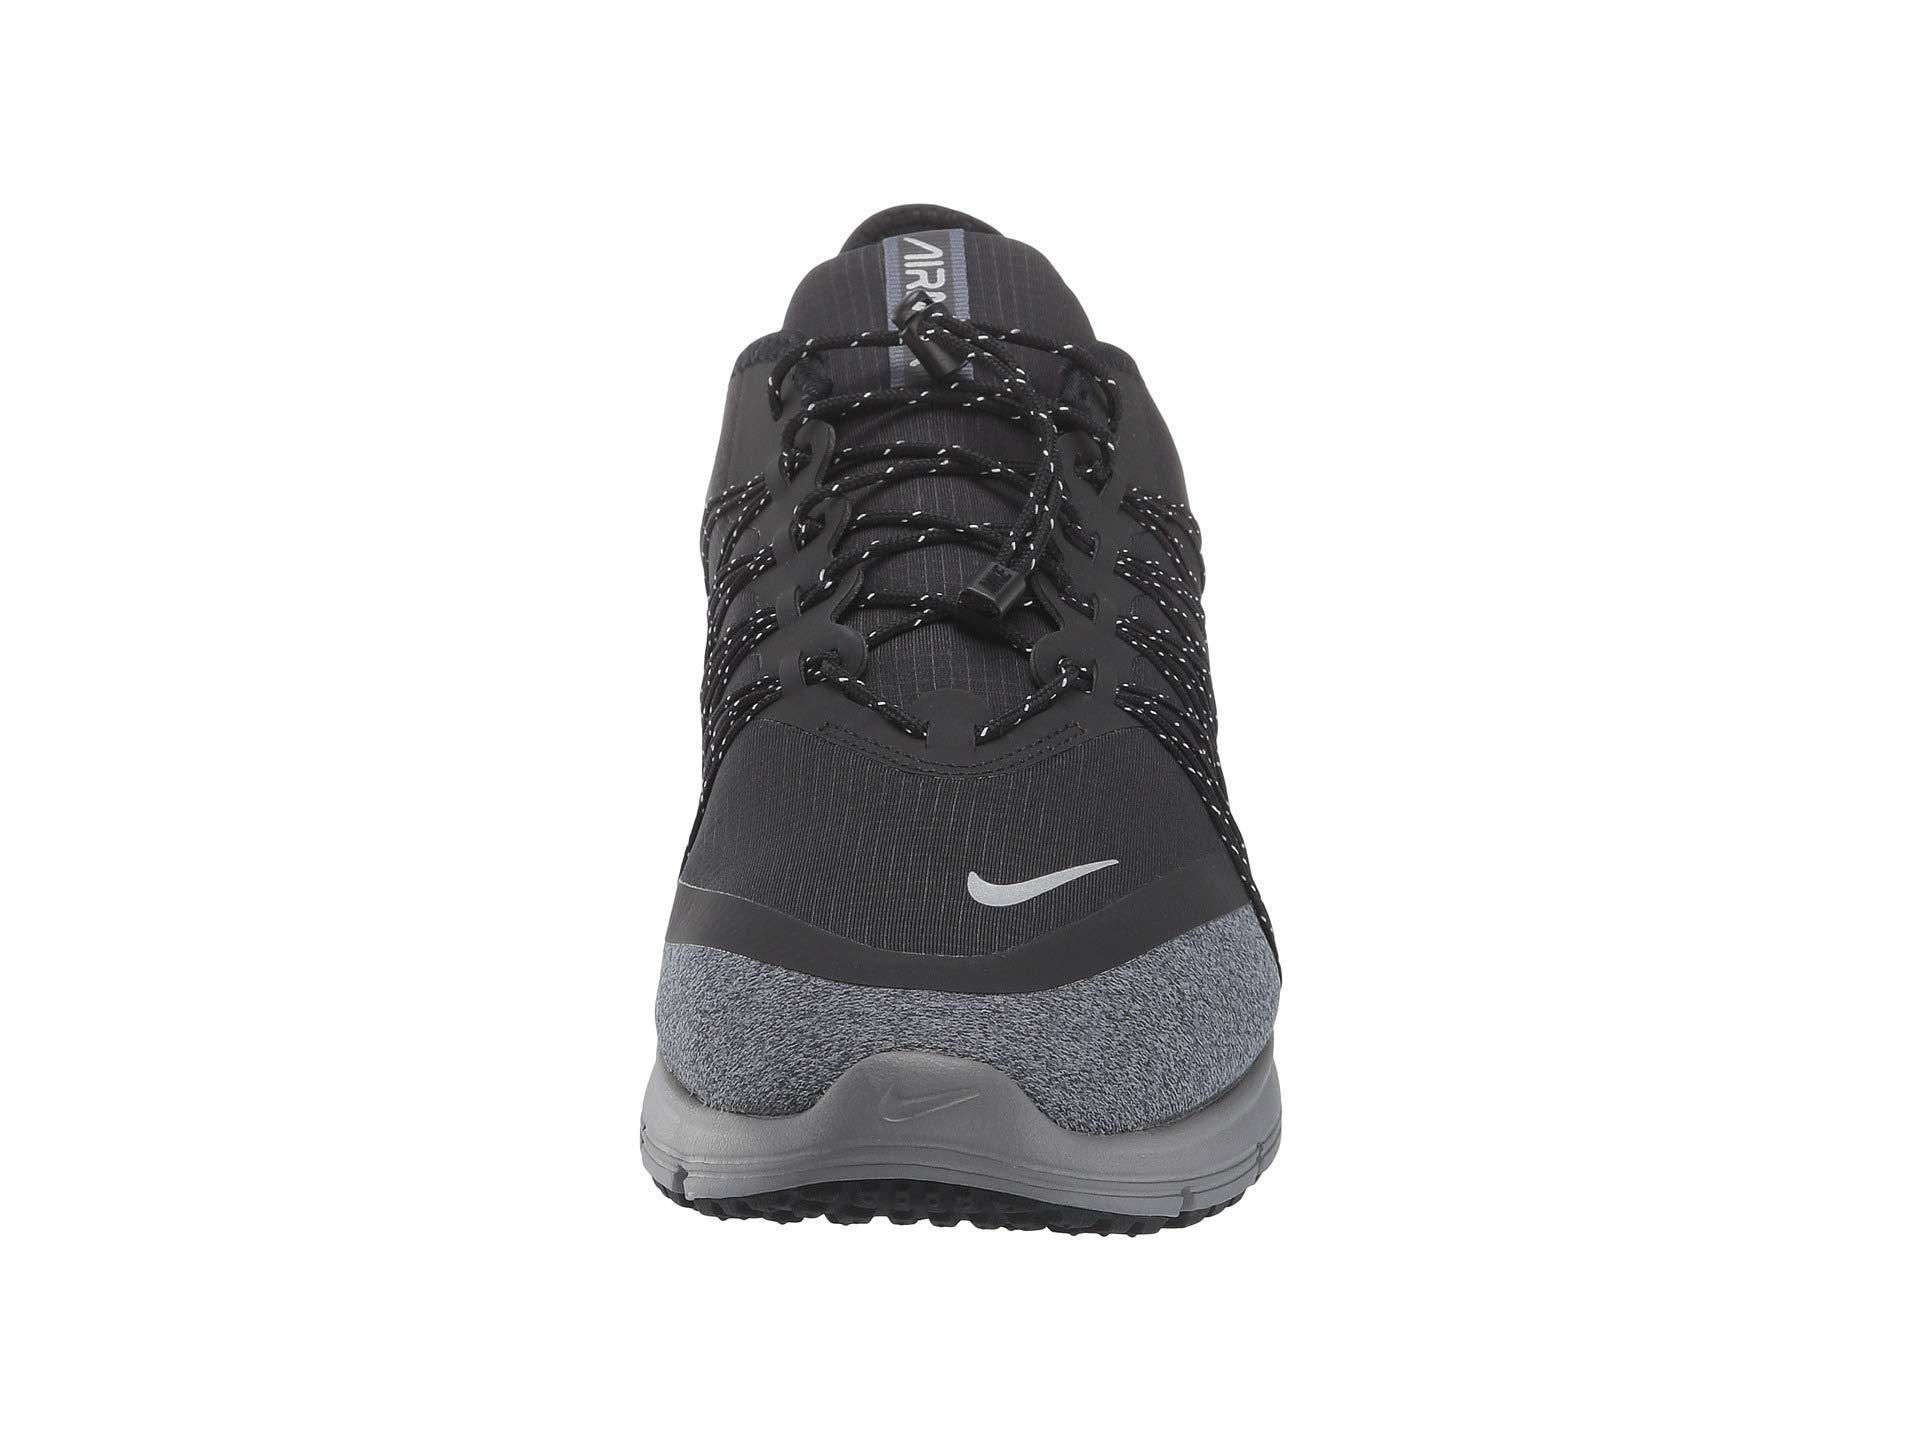 97b6415e68 Nike Air Max Sequent 4 Shield (black/metallic Silver/dark Grey ...